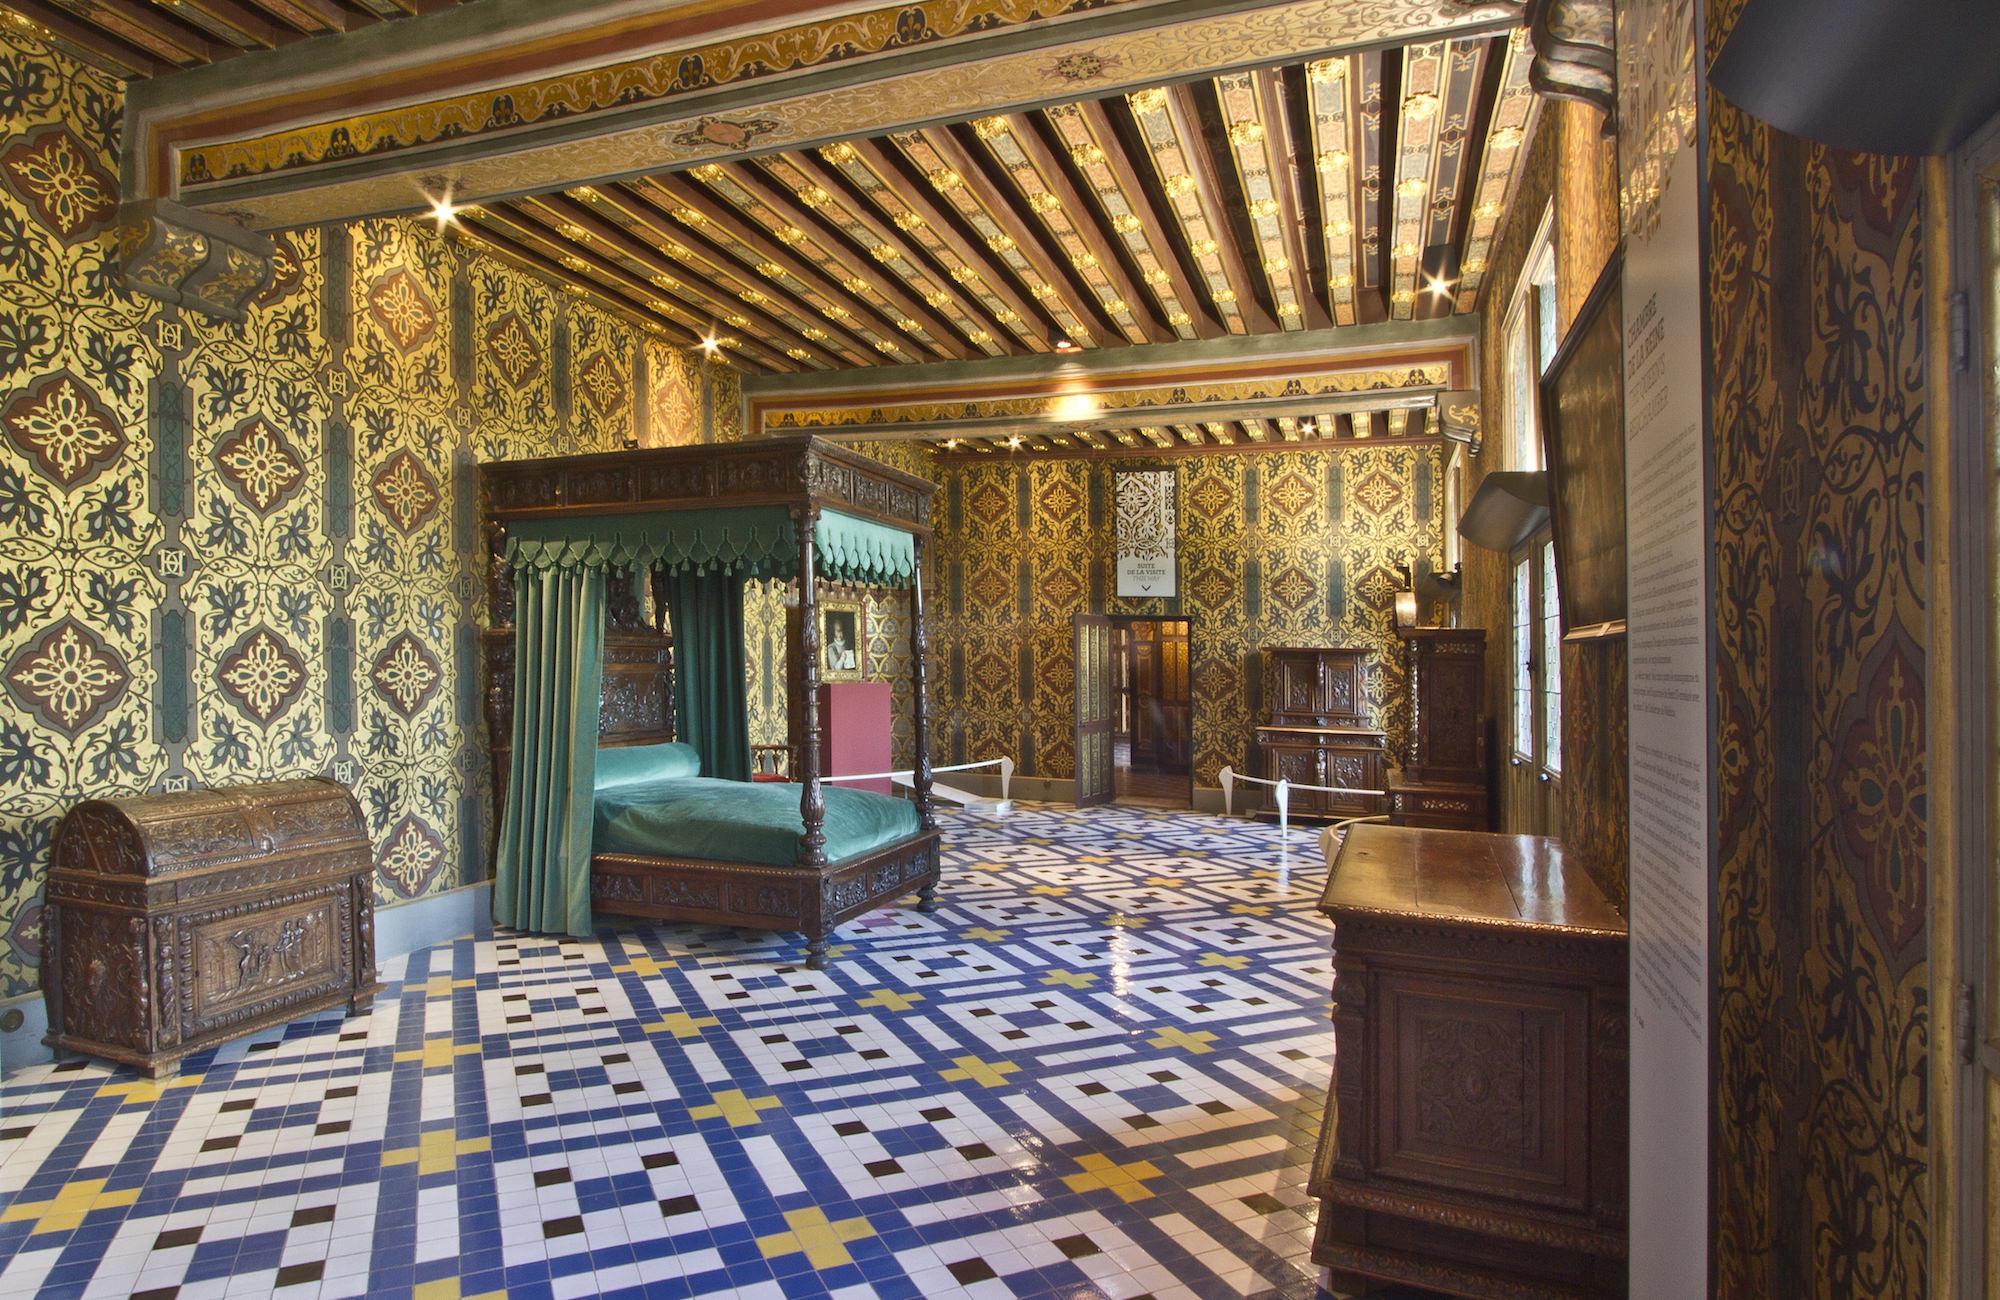 Château de Blois Esprit de Gabrielle espritdegabrielle.com